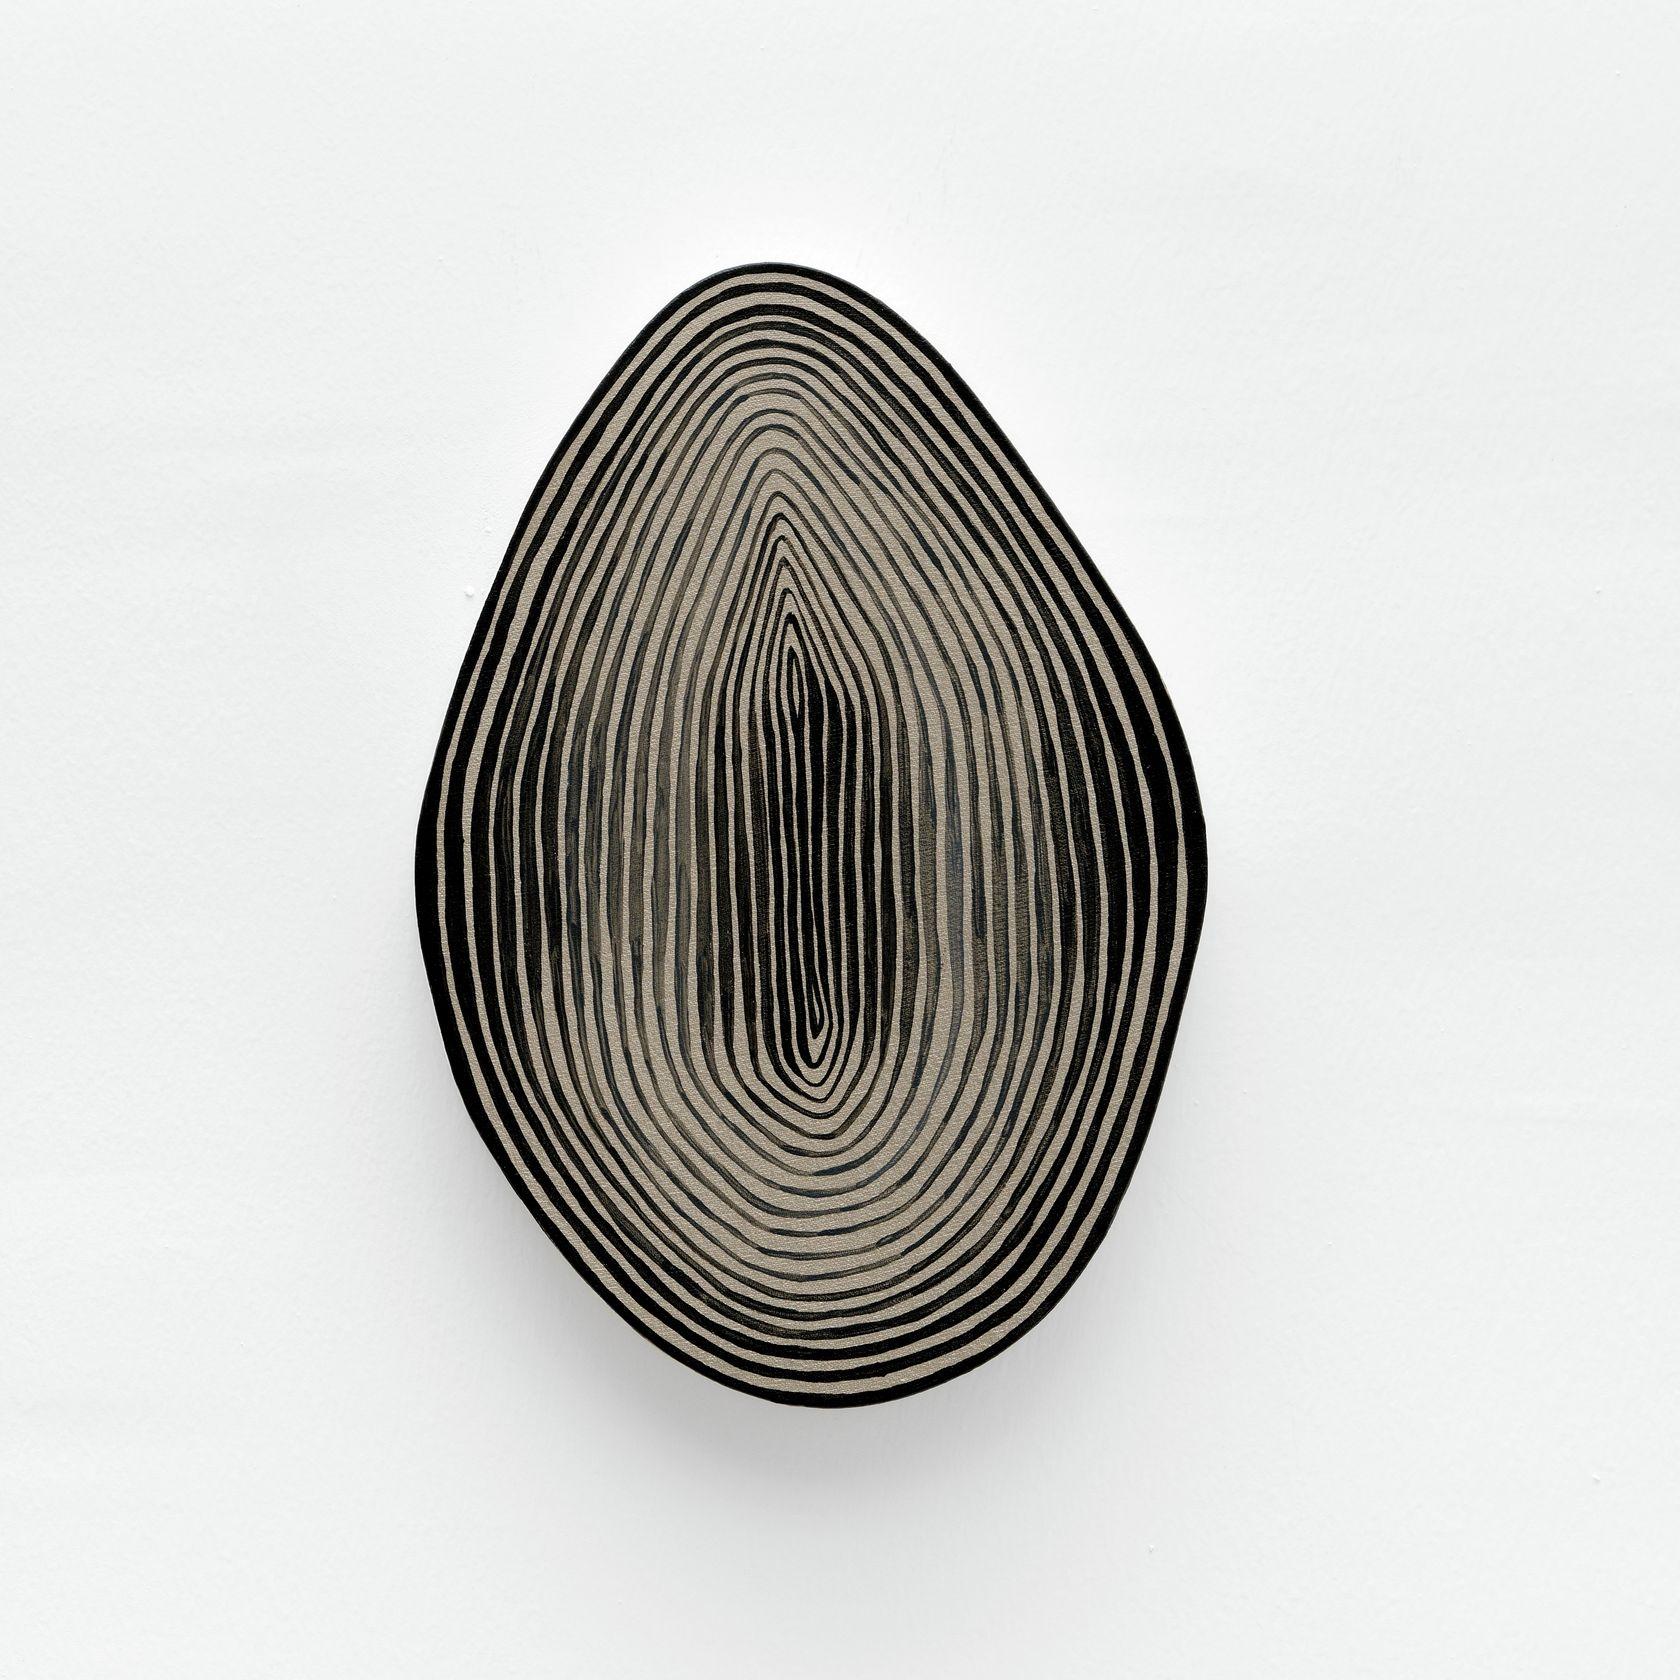 Guillaume Pilet, Defense Cascade, 2020 Acrylique sur toile25 × 17 cm / 9 7/8 × 6 6/8 in.